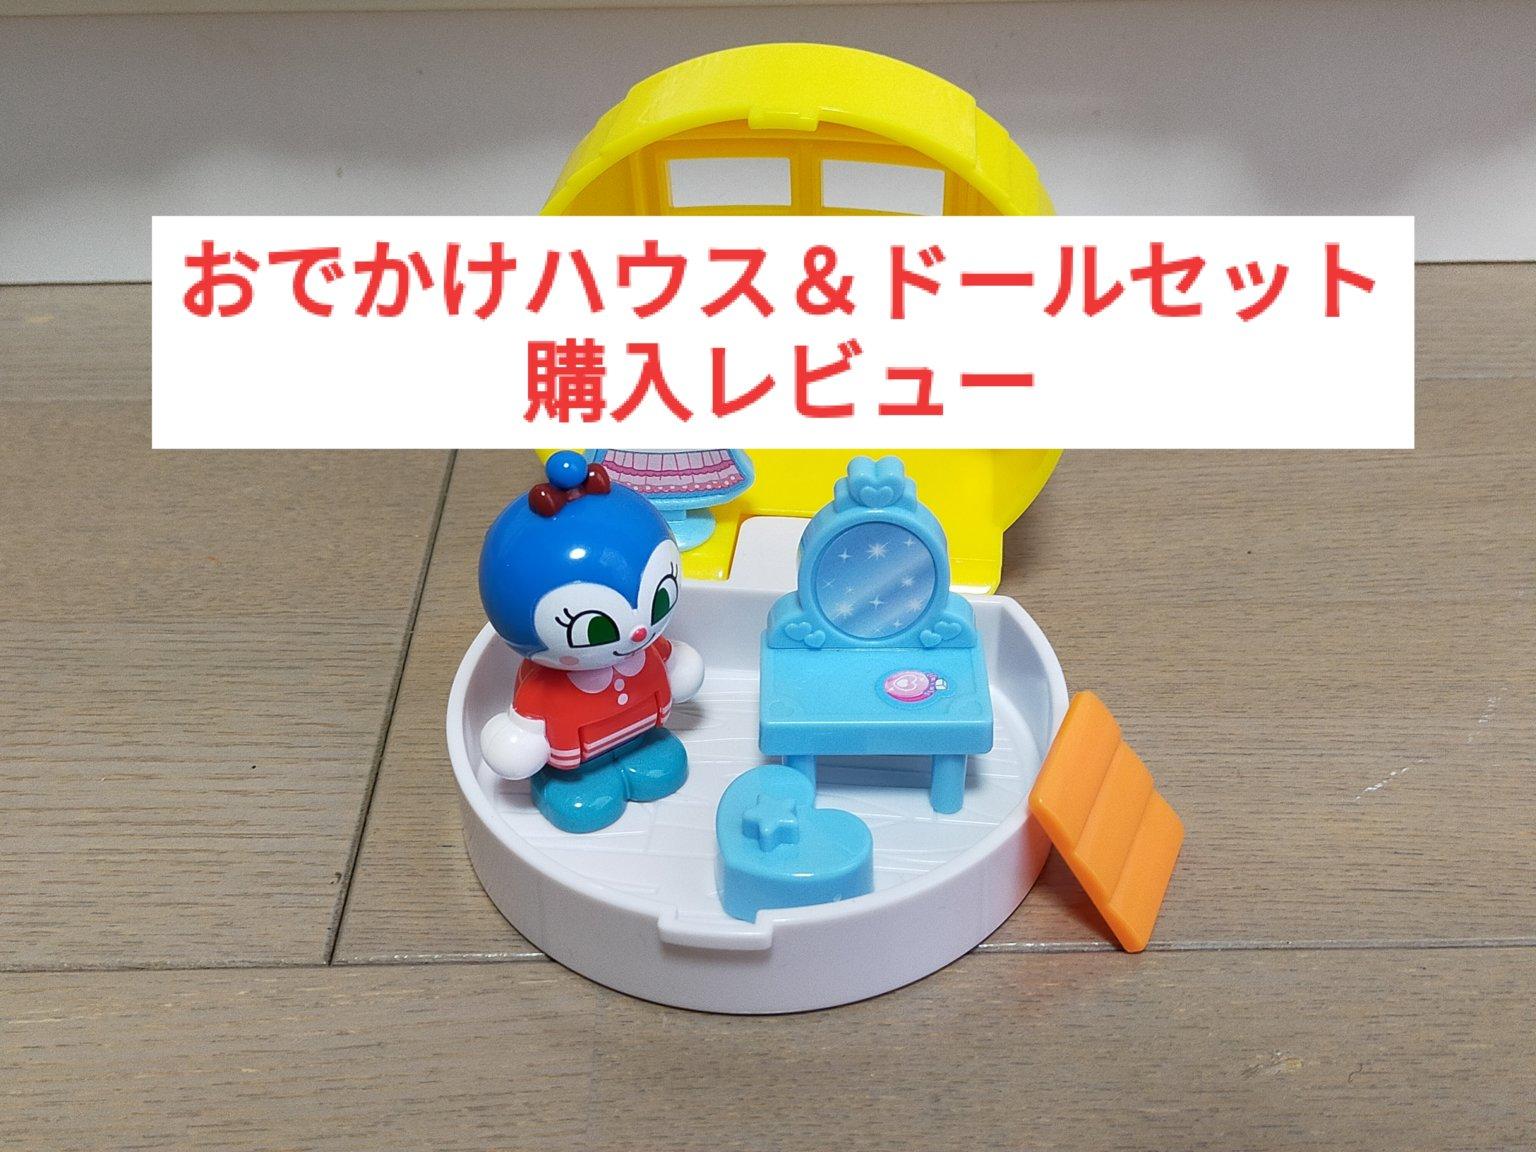 【 アンパンマン】おでかけハウス&ドールセット購入♪かわいいコキンちゃんのルームセット【 レビュー】